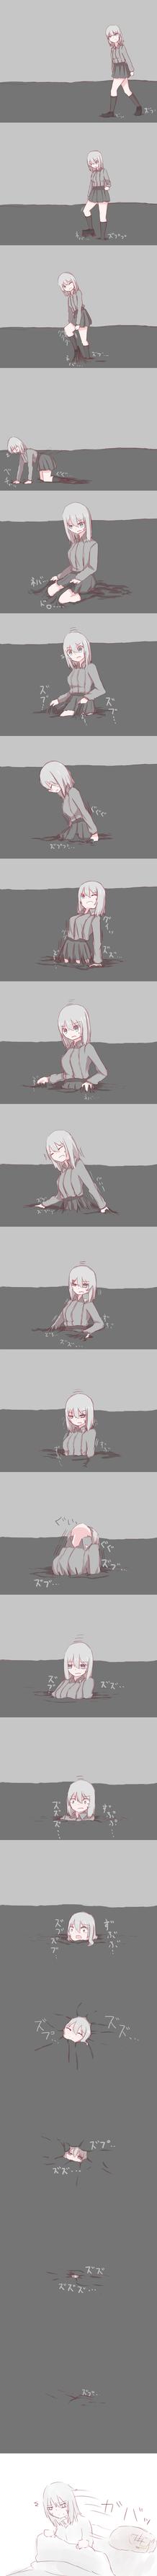 tar sinking by shuu33